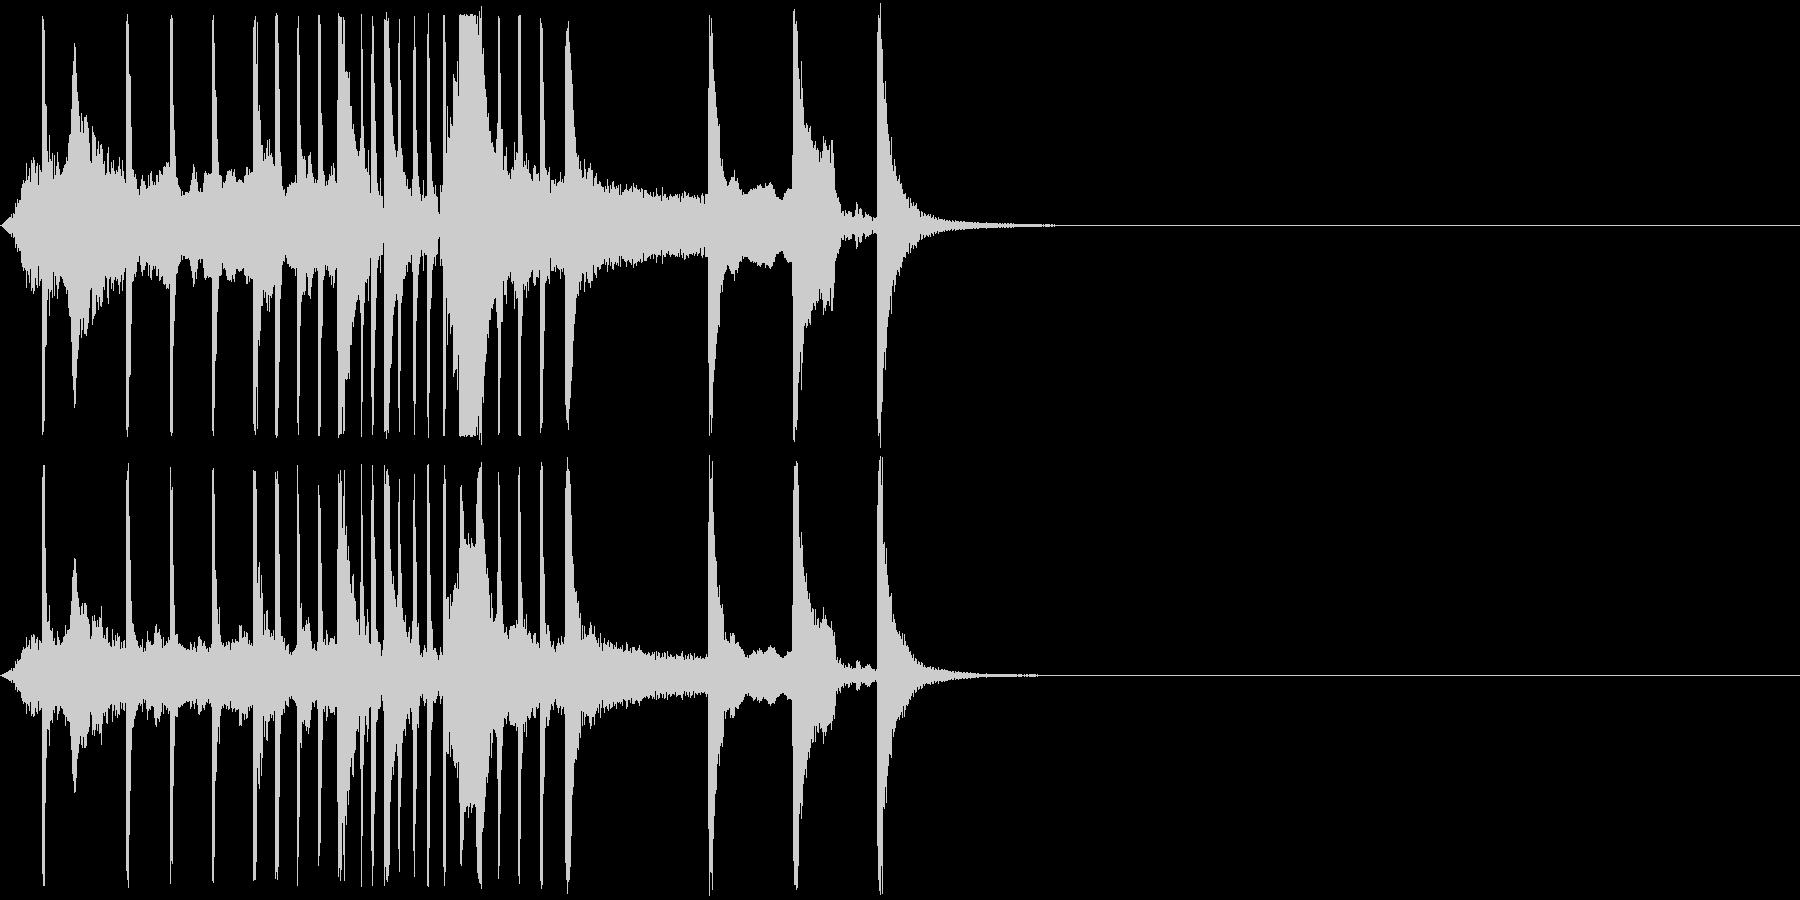 日本楽器 いよーー ちんちん japanの未再生の波形